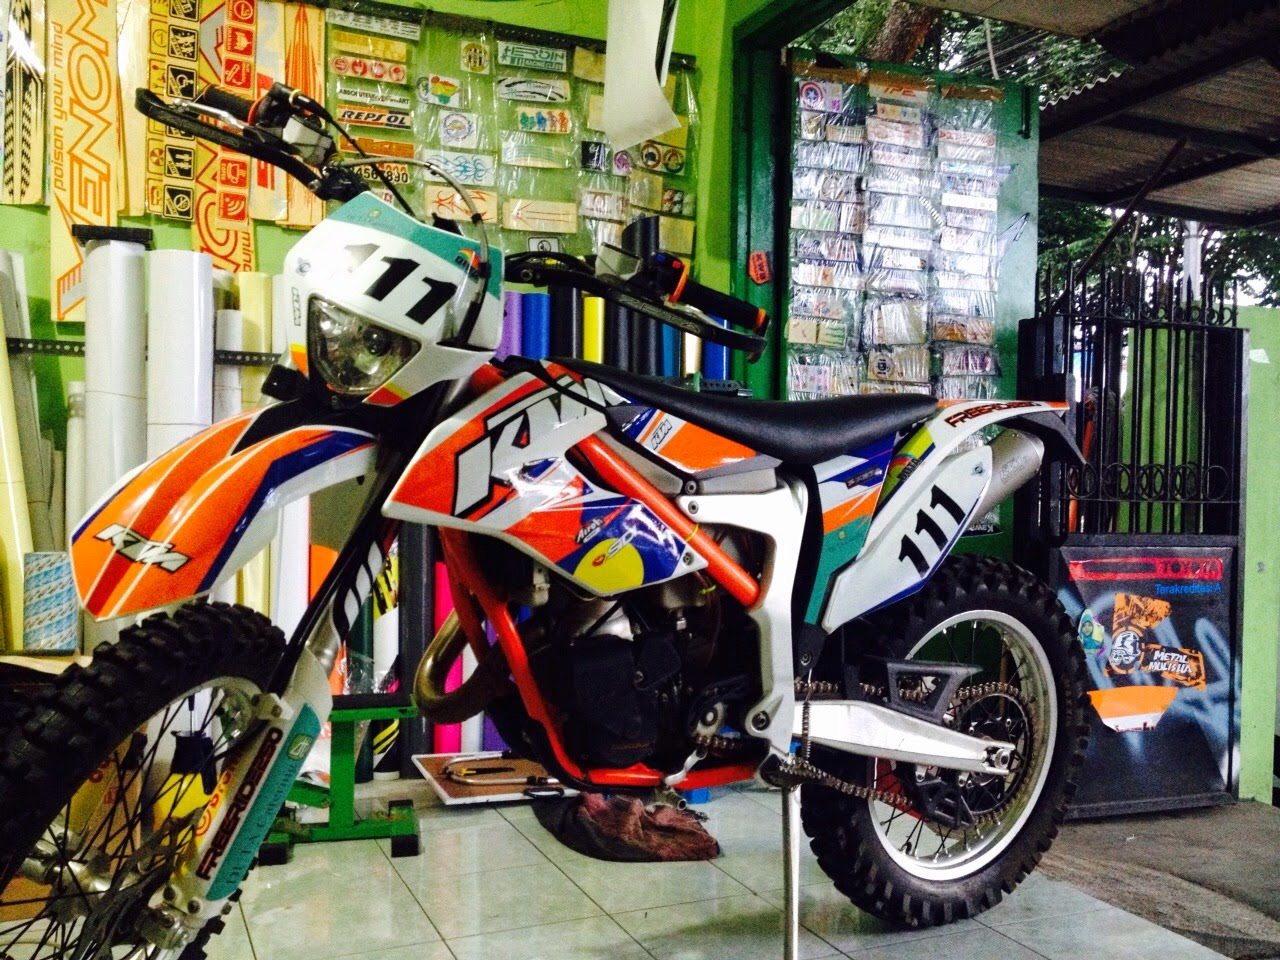 Indonesian dirt bike idb